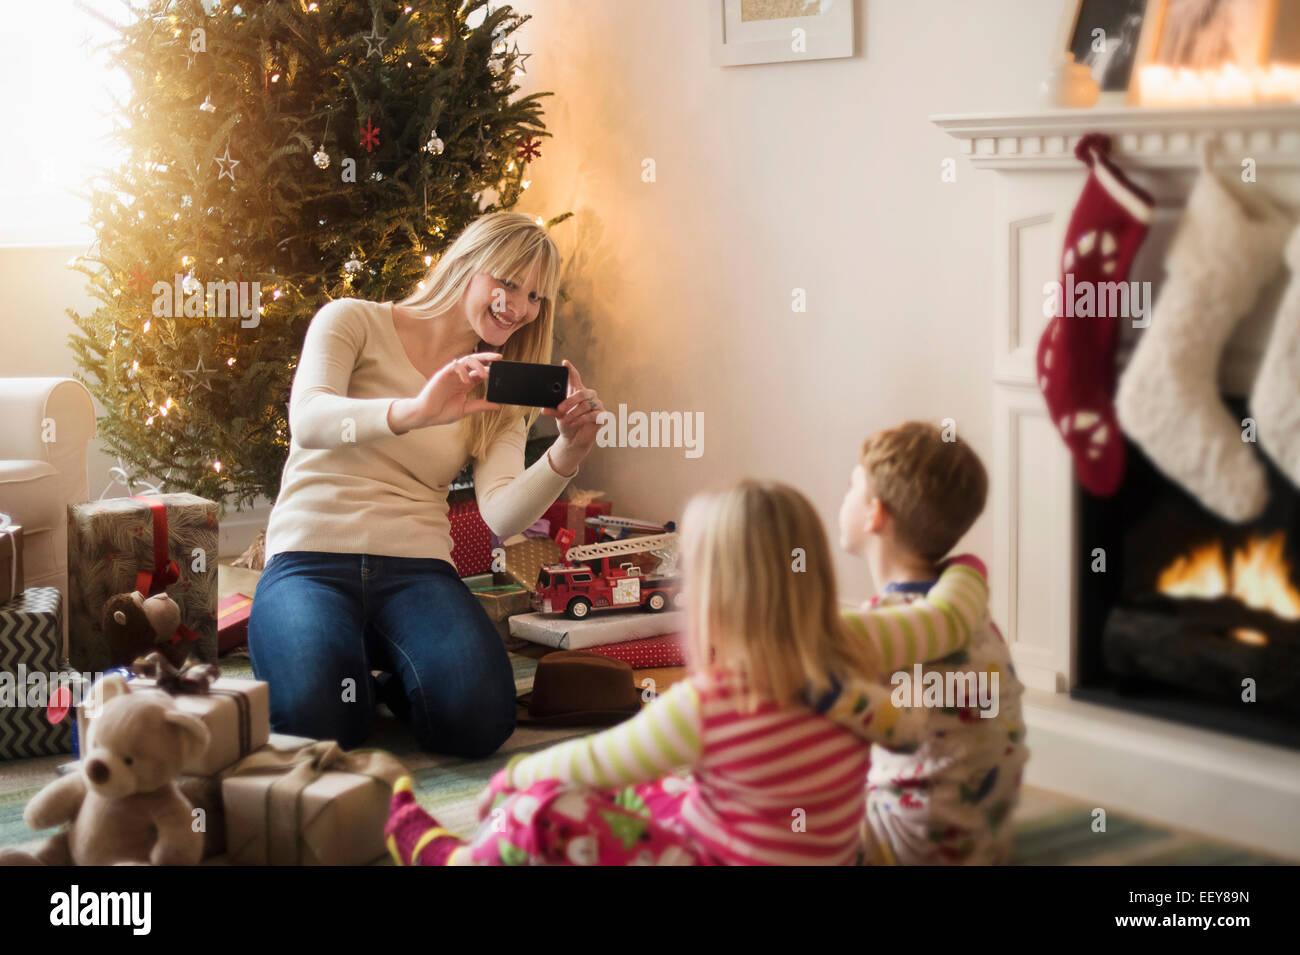 Madre con bambini (4-5, 6-7) apertura regali di natale e scattare foto Immagini Stock